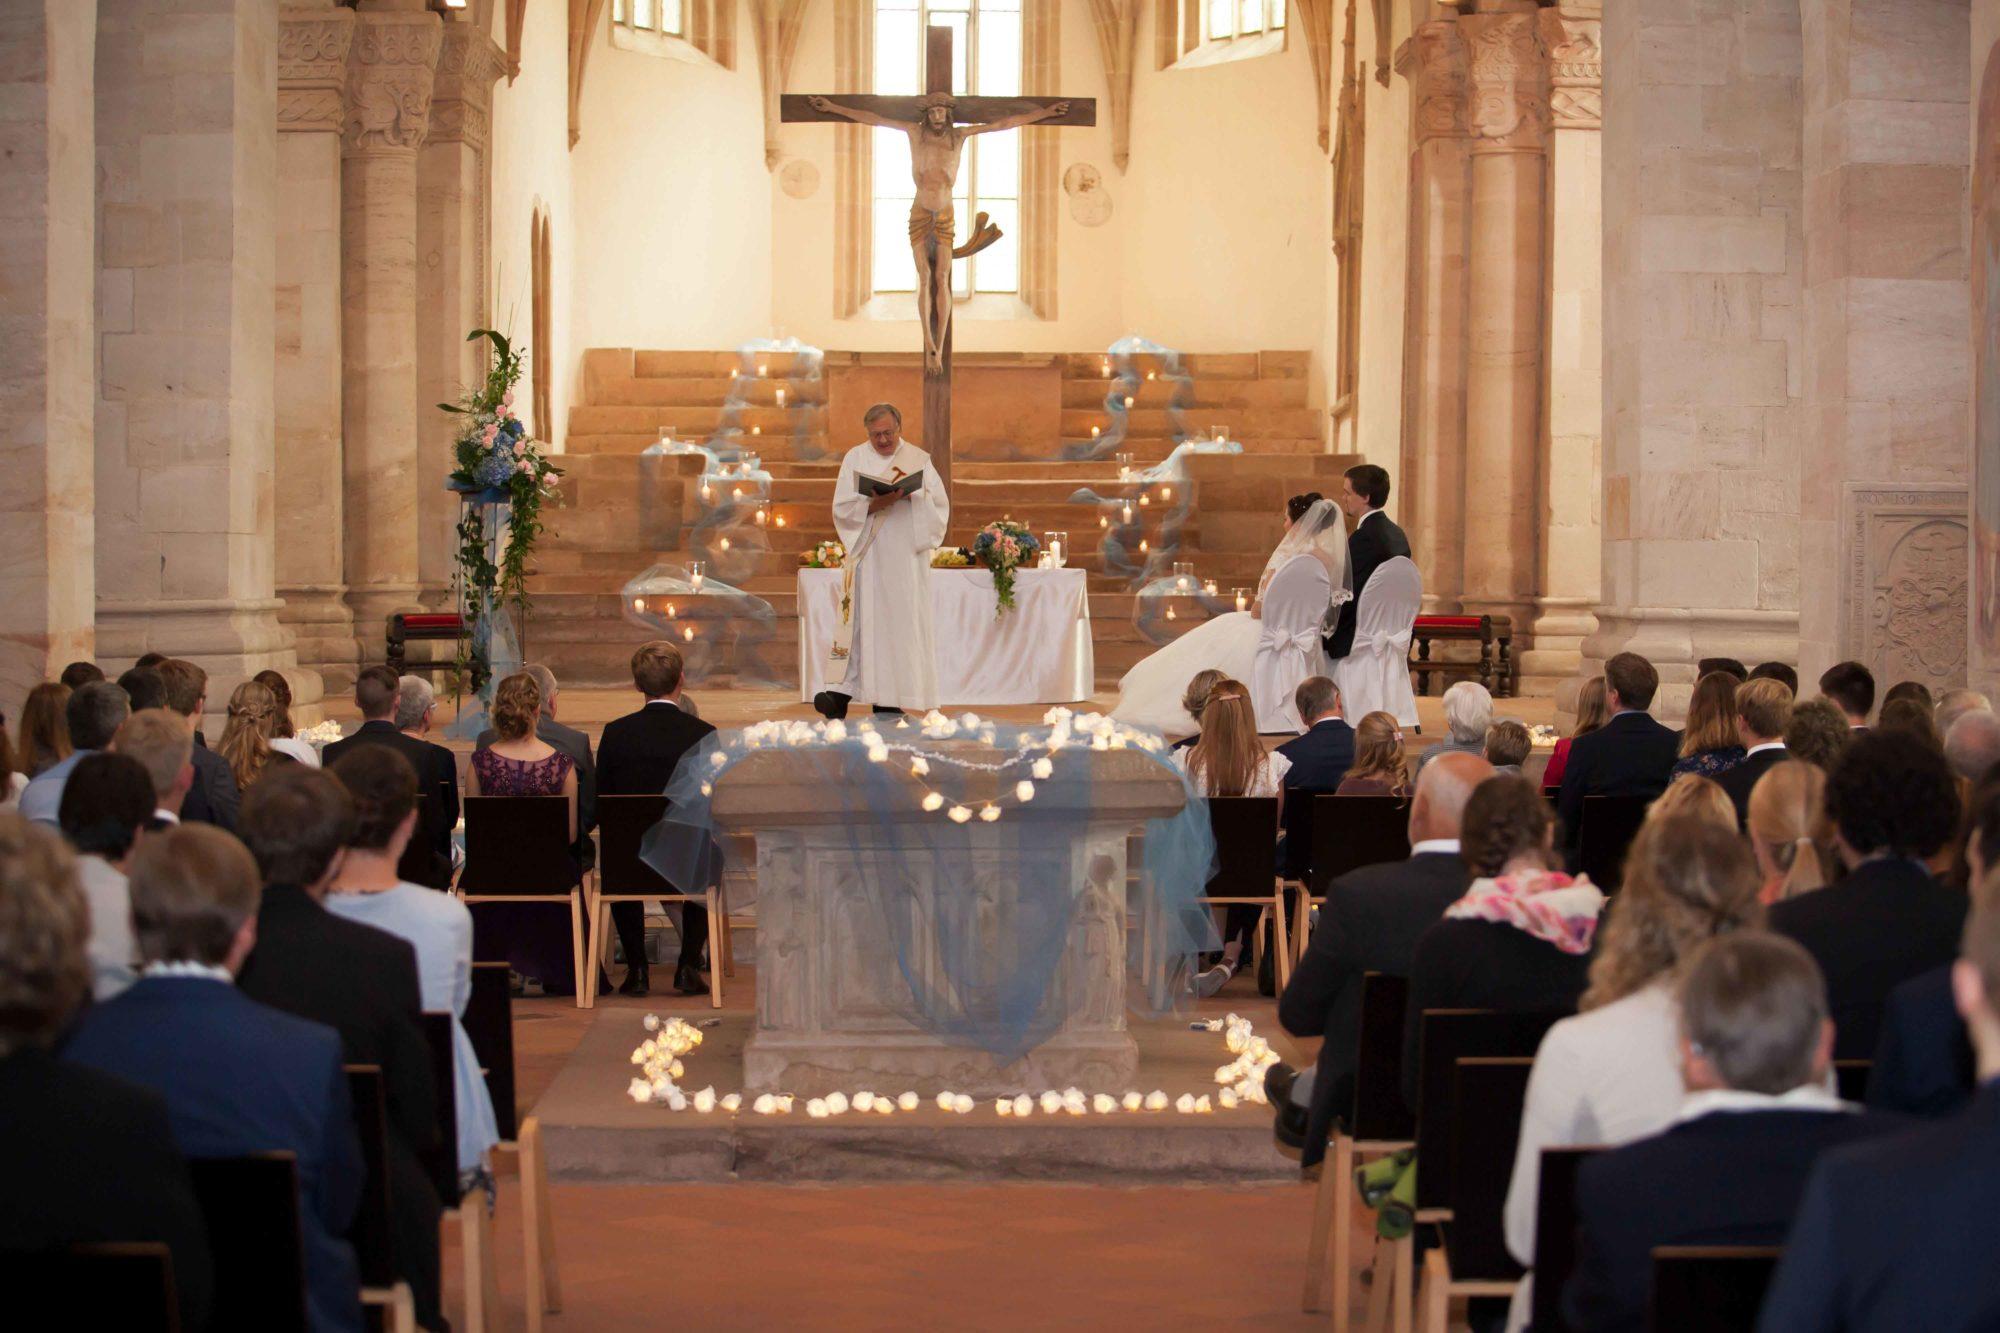 Hochzeitsbilder, Hochzeitsfotografie, Schwäbisch Gmünd, Kloster Lorch, Hochzeitsfotografie, Kirchliche Trauung, Hochzeitsfeier